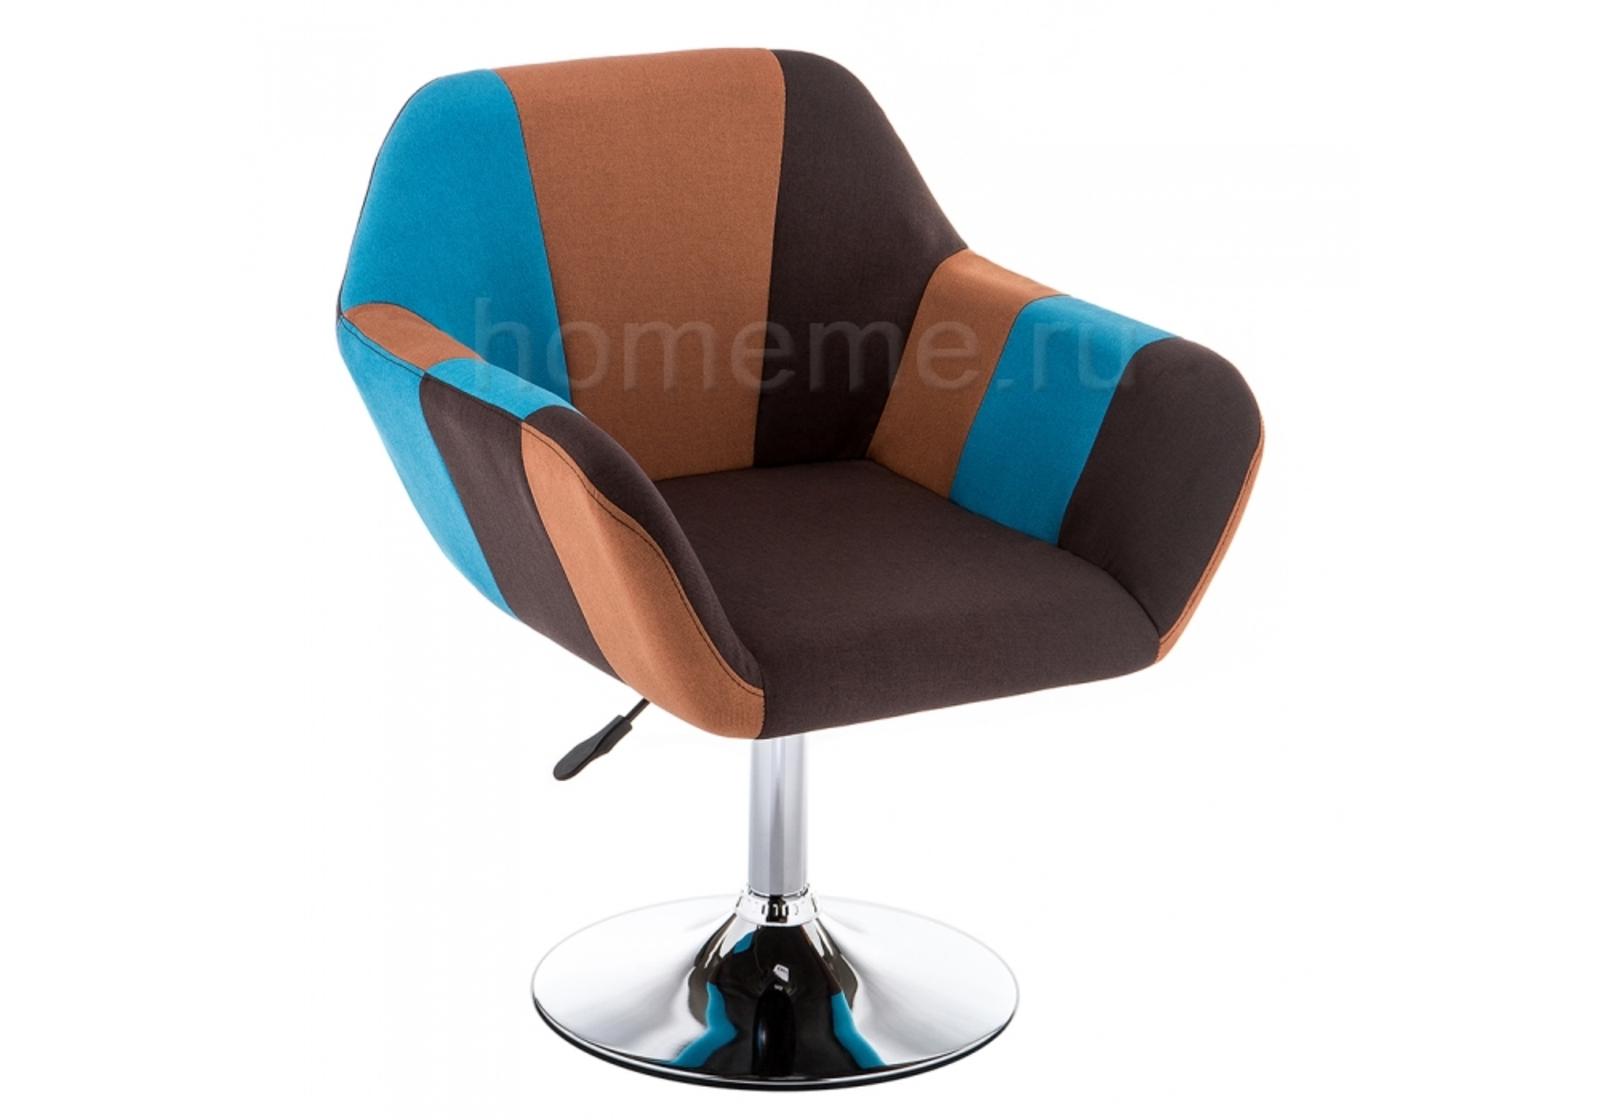 Барный стул Komfort multicolor 11289 Komfort multicolor 11289 (15683)